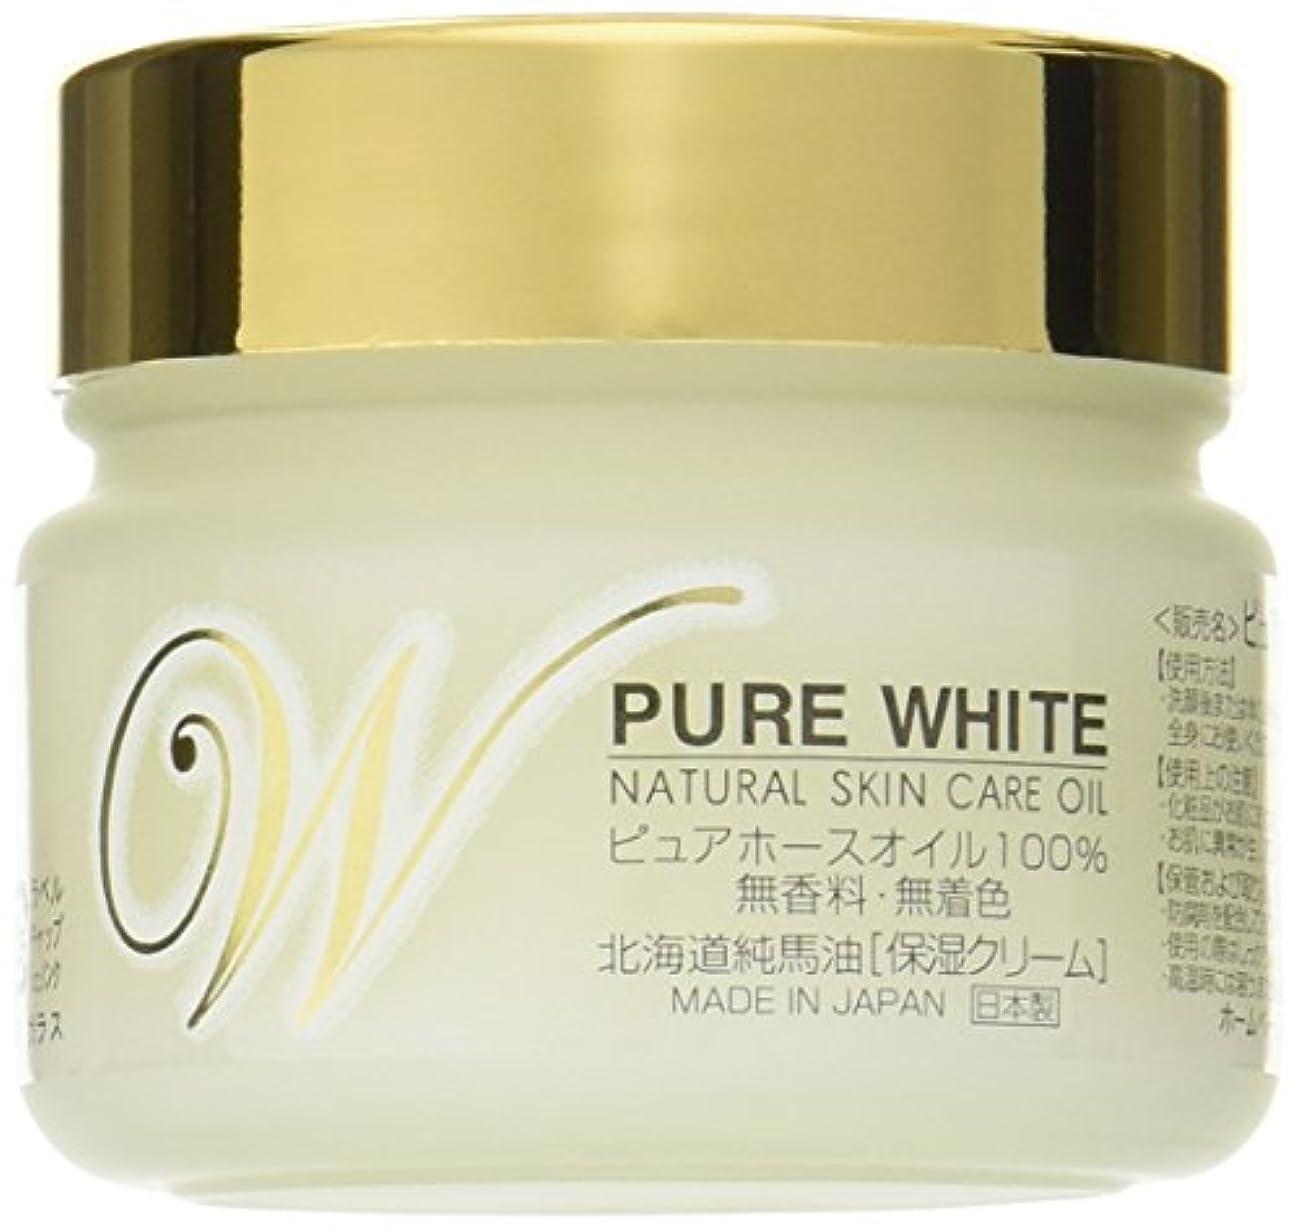 農民漁師コークス北海道純馬油本舗 ピュアホワイト ピュアホースオイル100% 保湿クリーム 無香料無着色 100g